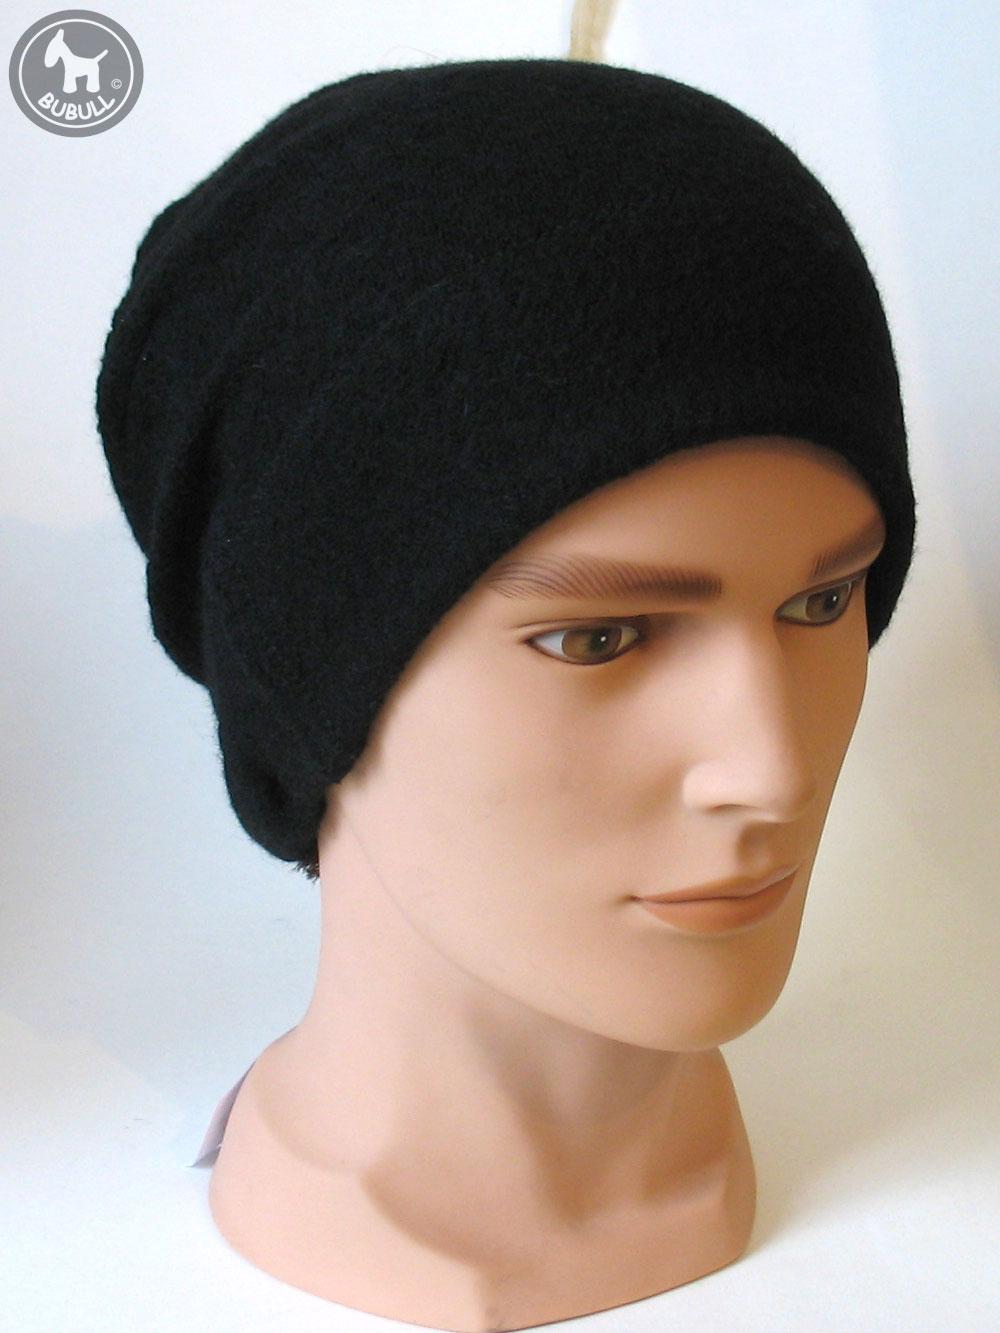 bonnet noir homme femme ref 1393. Black Bedroom Furniture Sets. Home Design Ideas